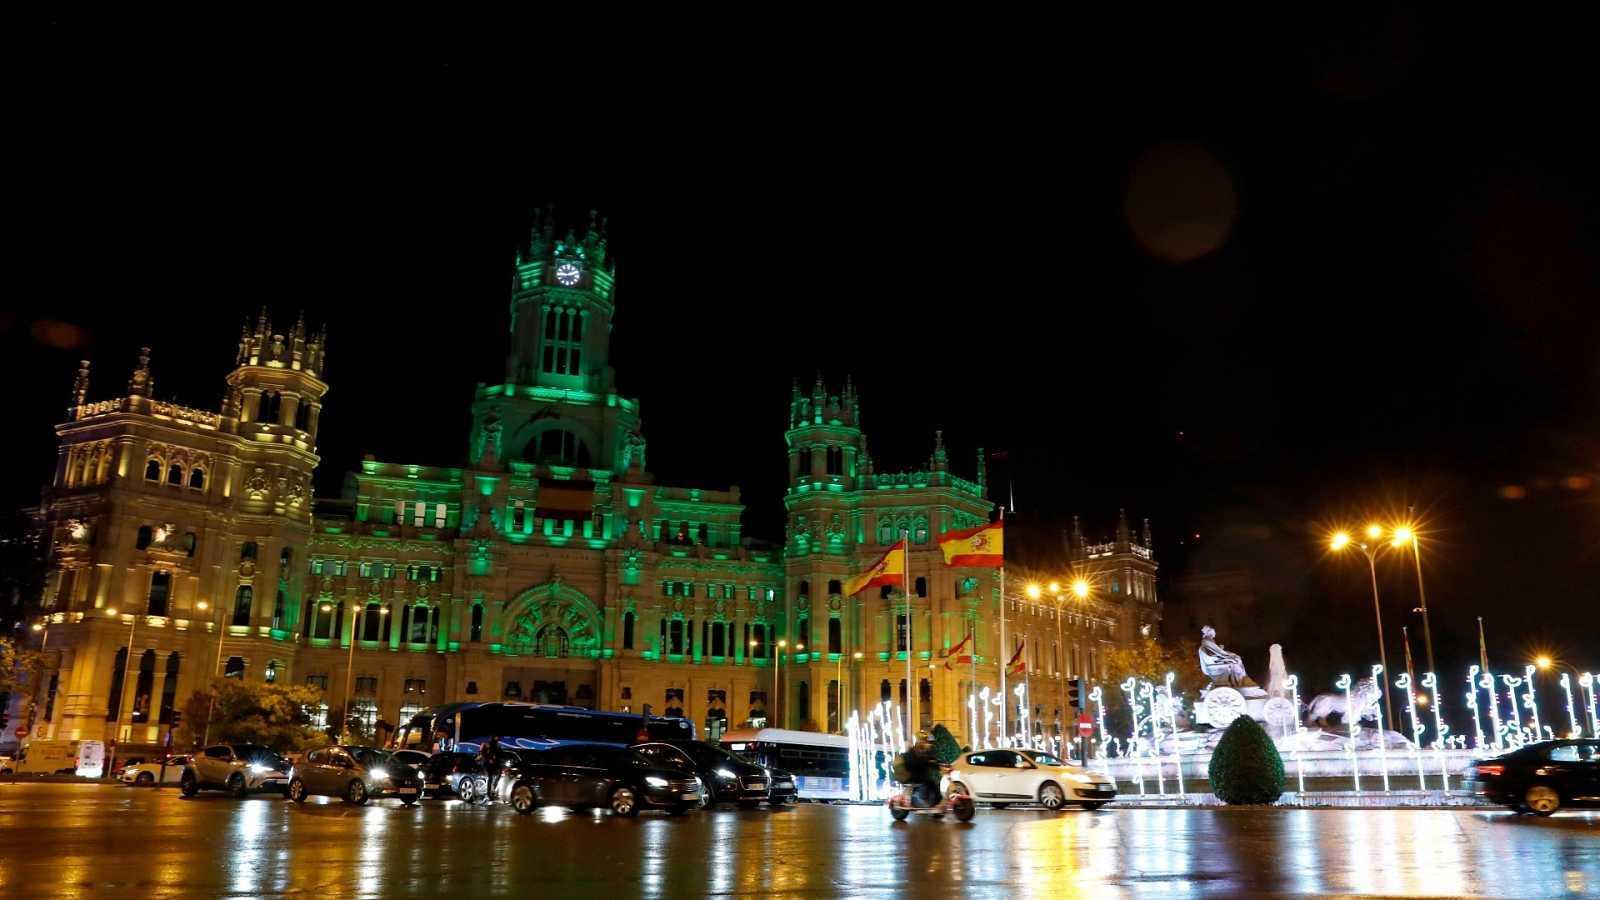 14 horas -  El plan de Madrid para Navidad: reuniones de hasta 10 personas y toque de queda a la 1.30 - Escuchar ahora